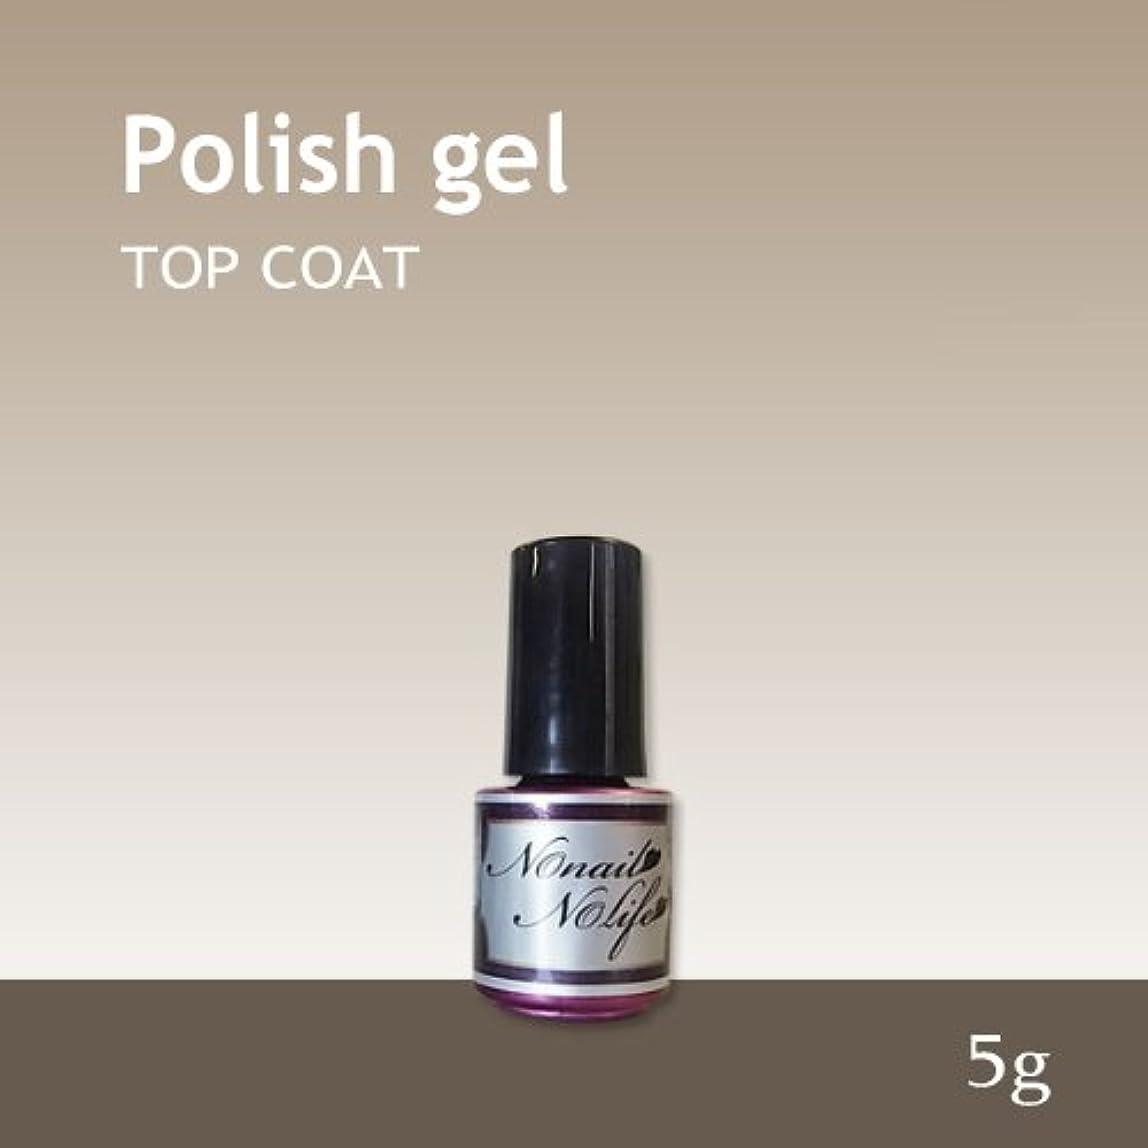 適性難民ベギンジェルネイル《爪に優しいトップコートジェル》Natural Polish ポリッシュトップジェル(5g)